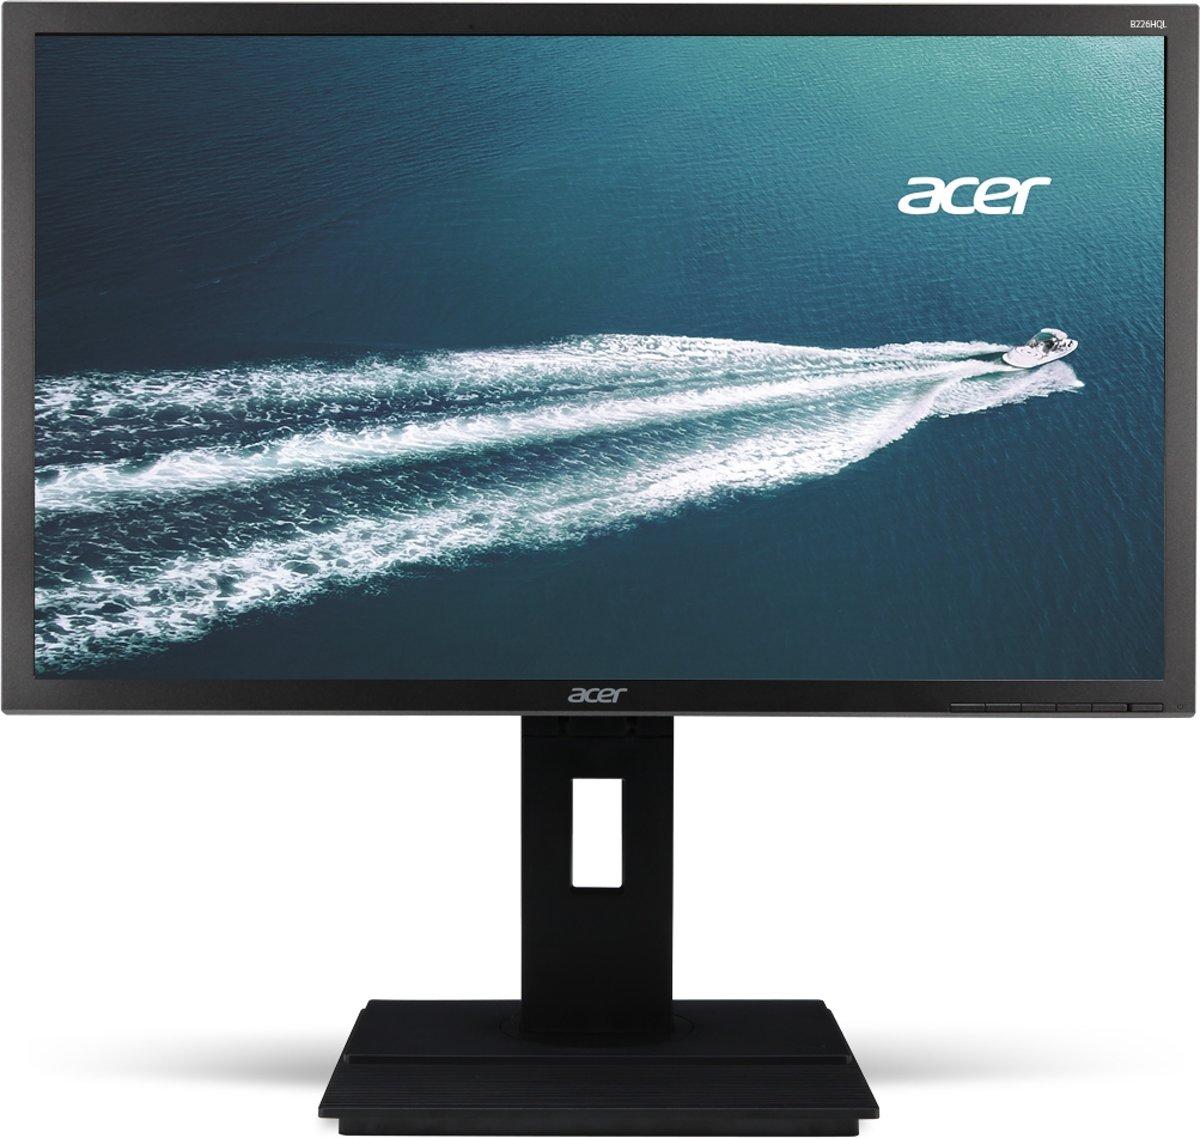 Acer B226WLymdpr - HD Monitor